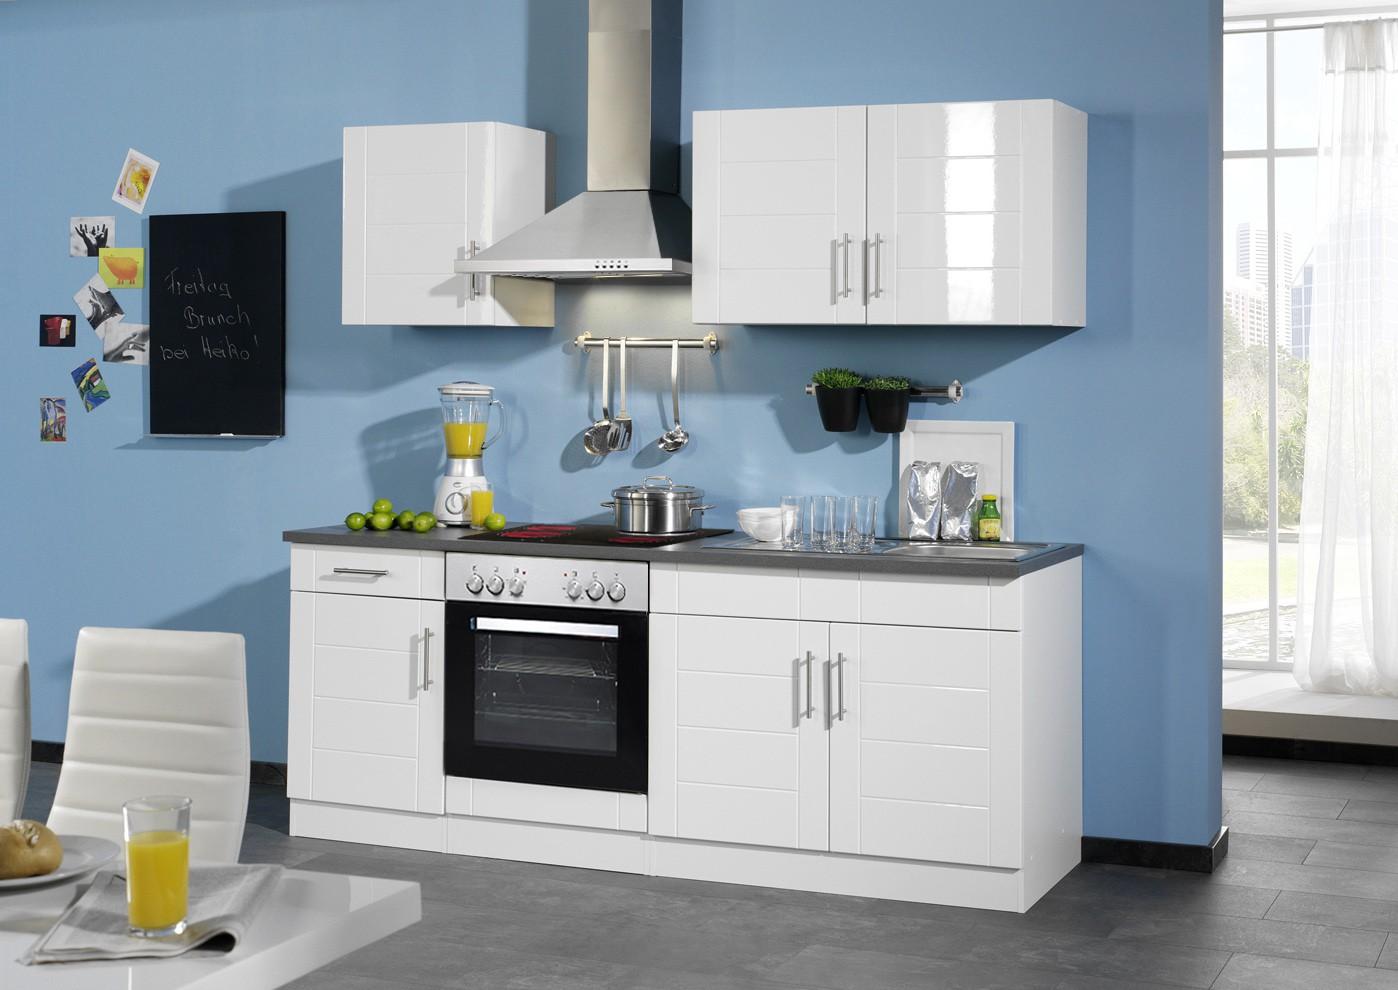 neu k chenzeile nevada k chenblock mit e ger ten 210 cm weiss ebay. Black Bedroom Furniture Sets. Home Design Ideas